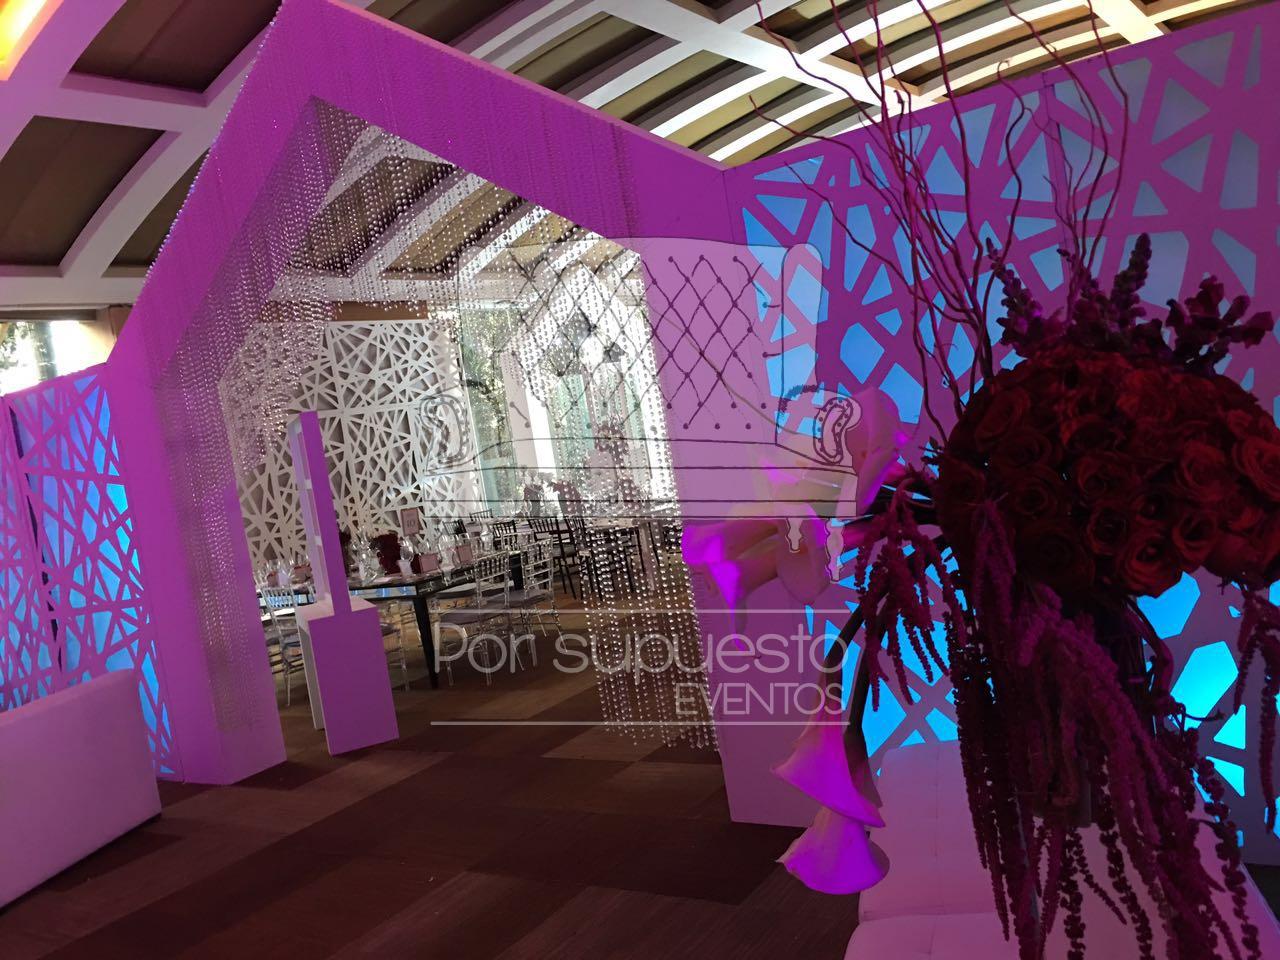 Por Supuesto Eventos, mobiliario, ambientación y display para toda ocasión